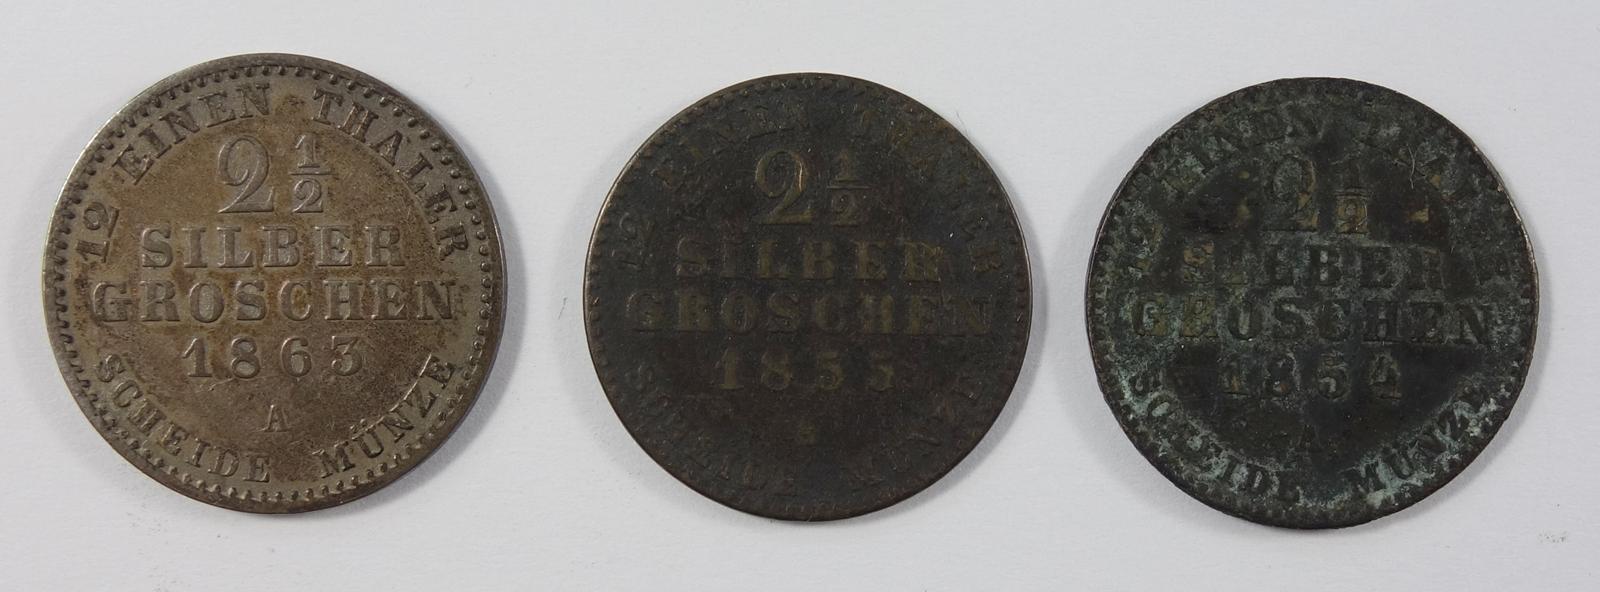 3* 2 1/2 Silbergroschen, Preussen: Wilhelm IV, 1855 A; Wilhelm I, 1863 A; Friedrich Wilhelm IV, 1854 - Bild 2 aus 2